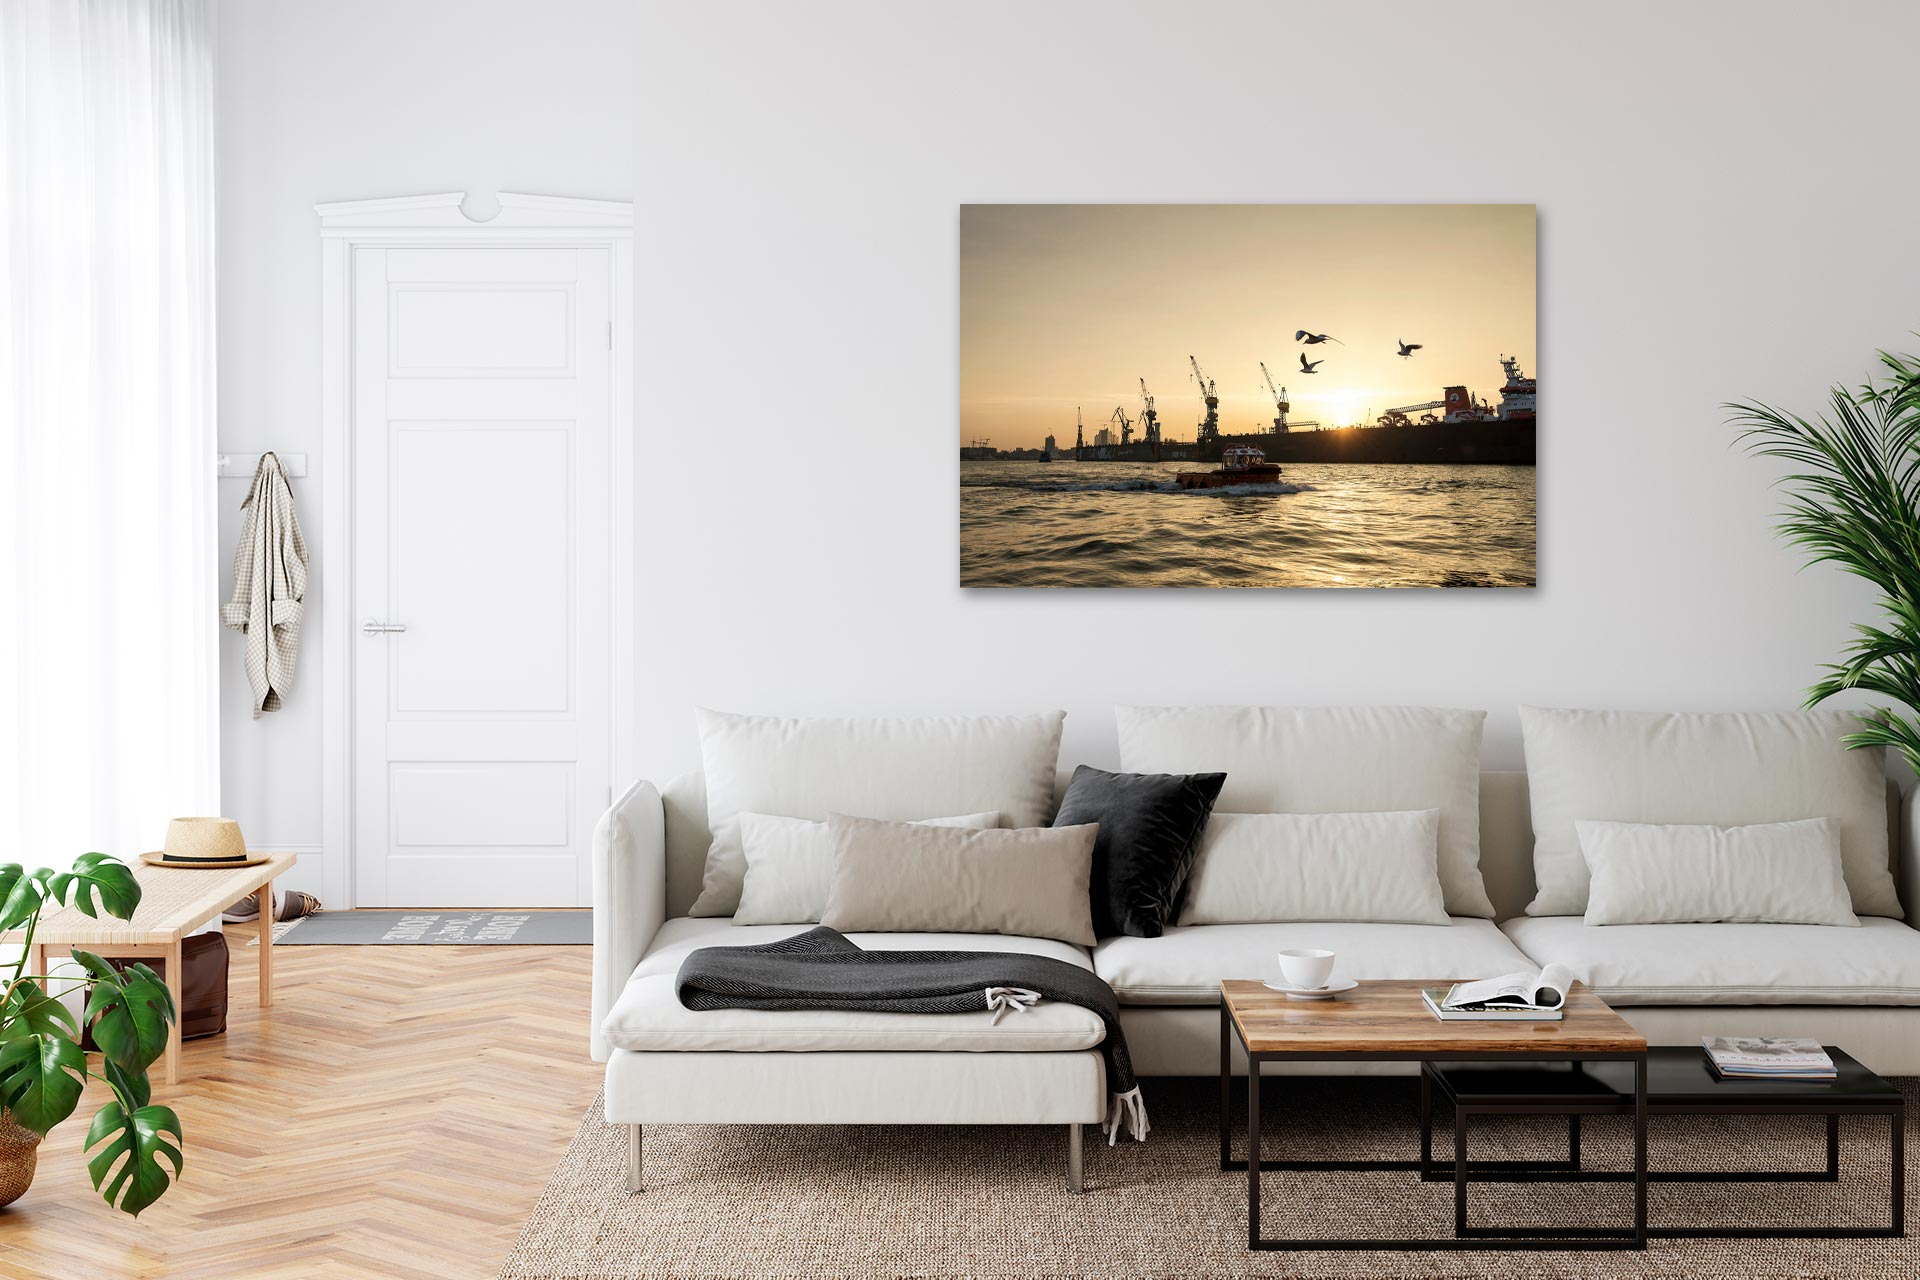 NL054-elbe-sunrise-hamburg-wandbild-leinwand-acrylglas-aludibond-wohnzimmer